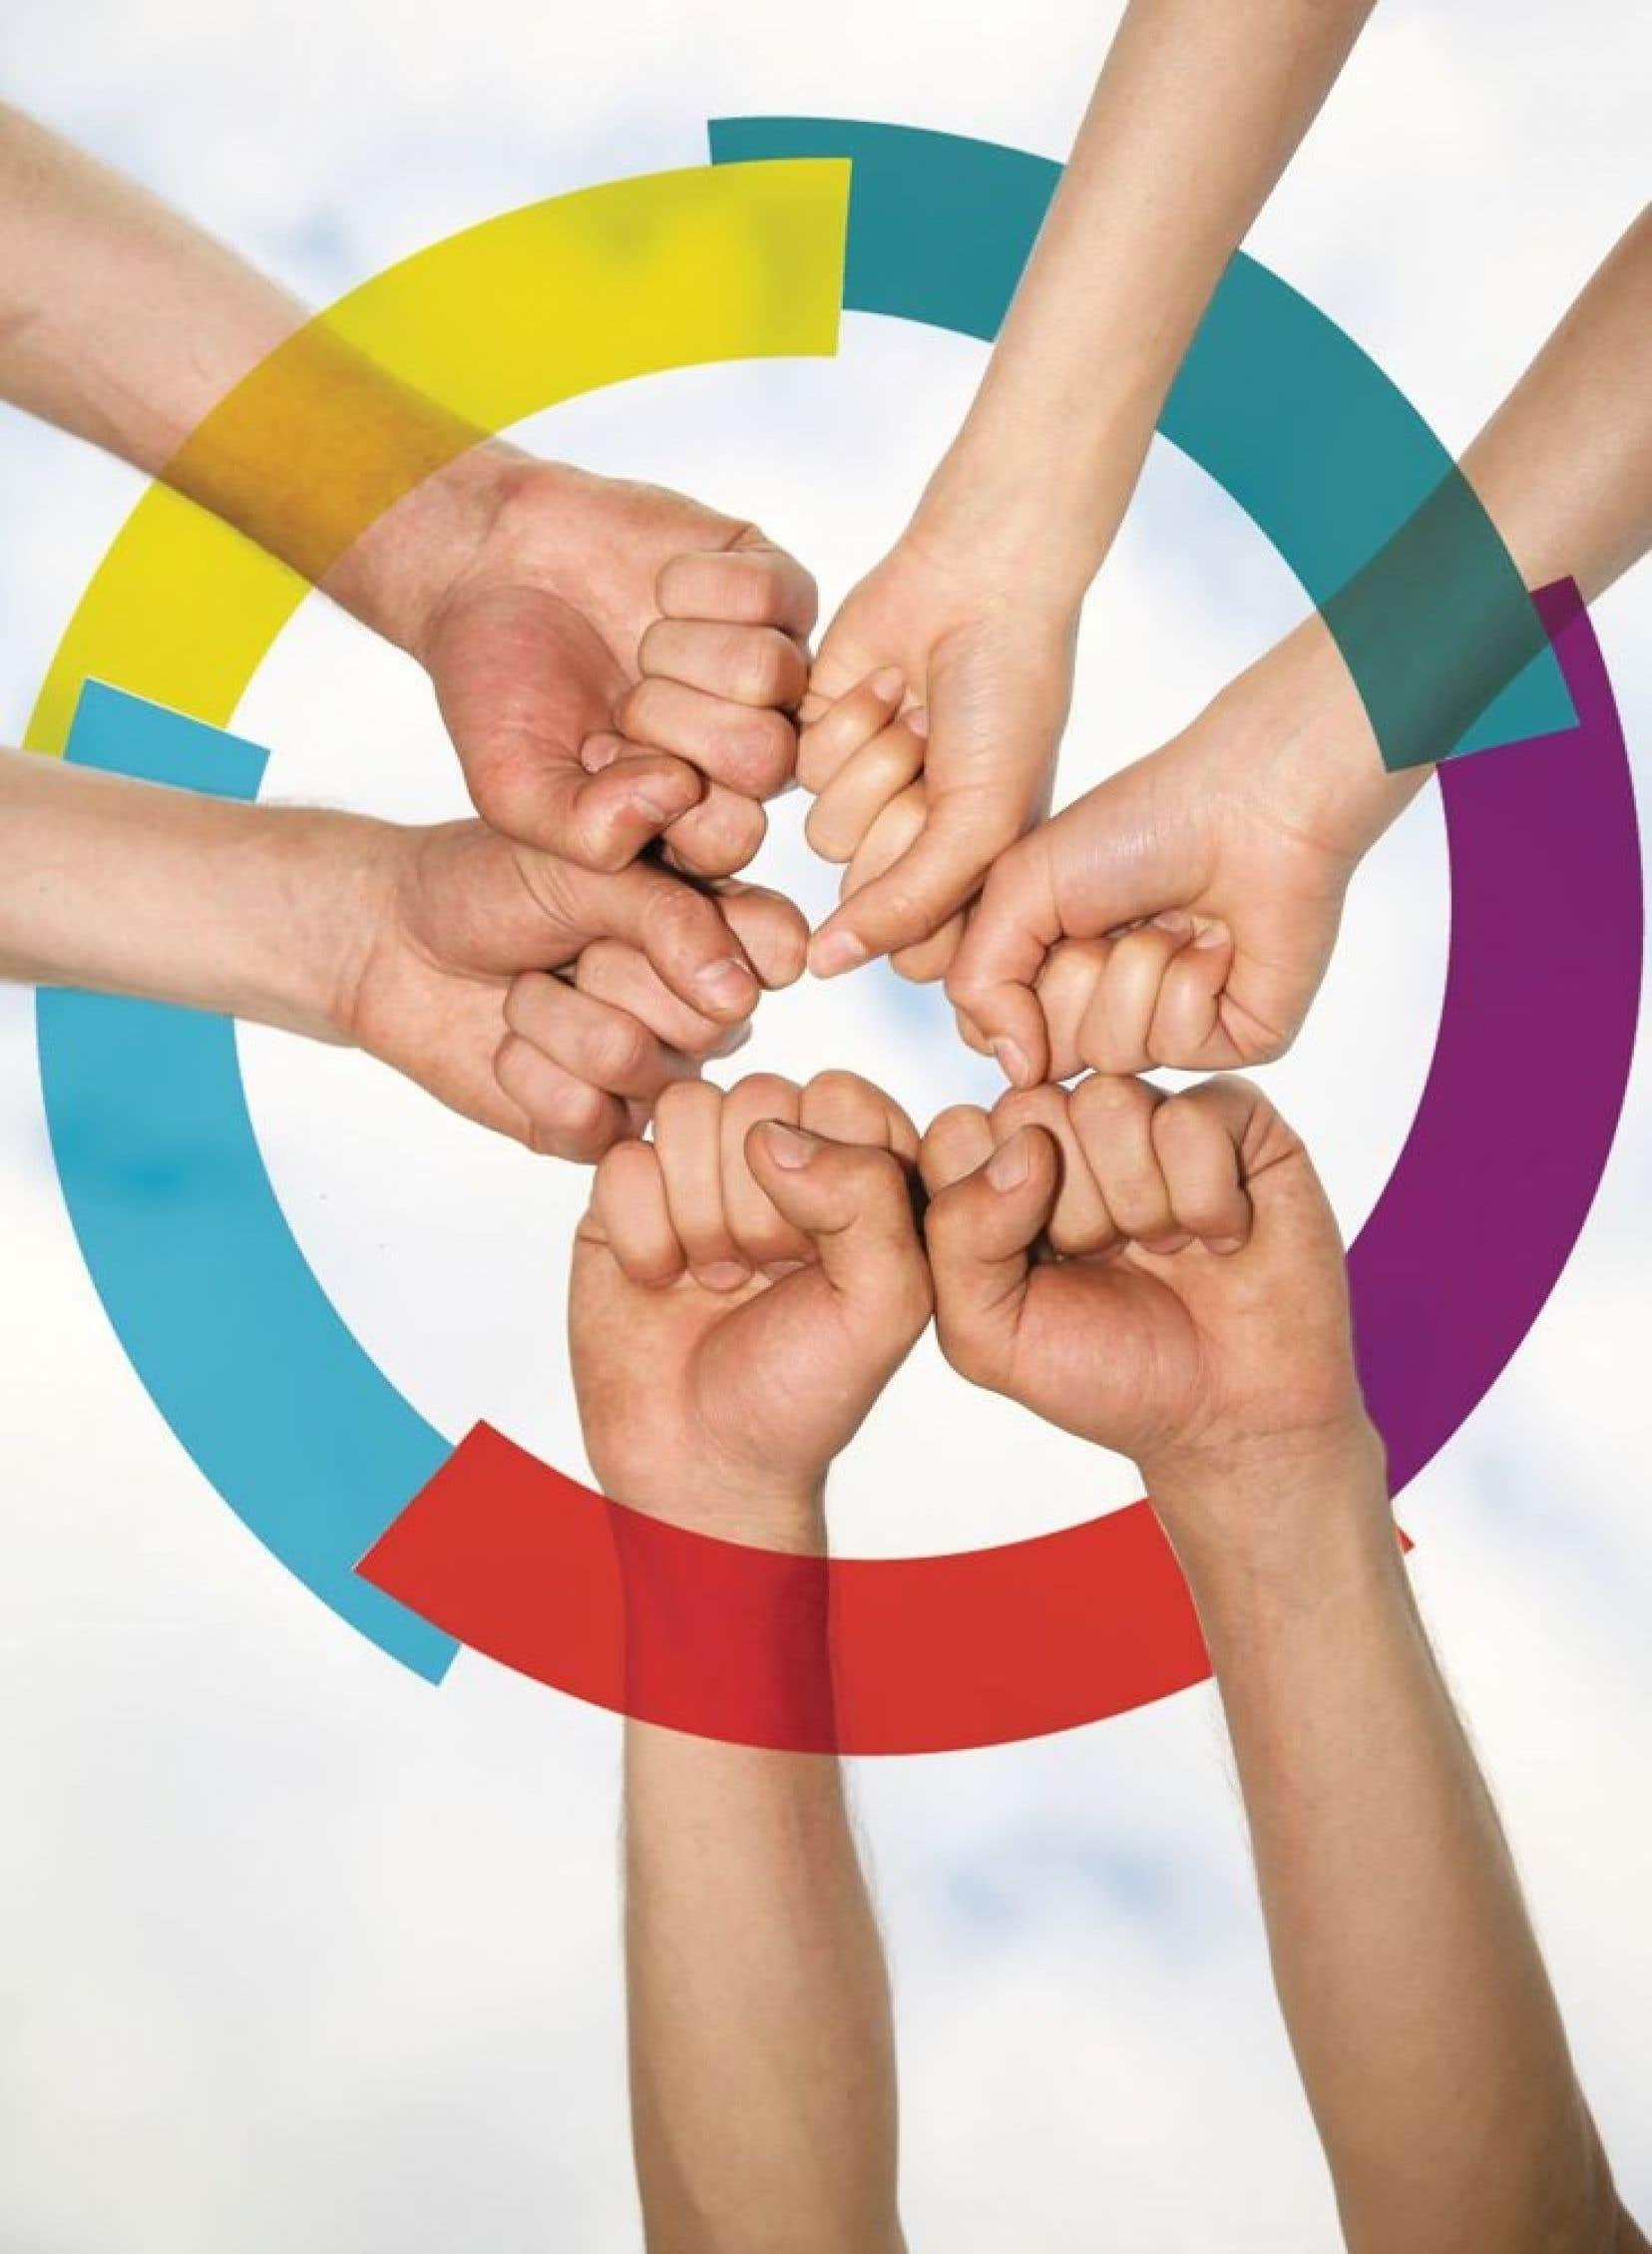 La solidarité entre les peuples est l'un des fondements de la communauté francophone et de l'Organisation internationale de la Francophonie, dont le prochain sommet se déroulera à Dakar, au Sénégal, en 2014.